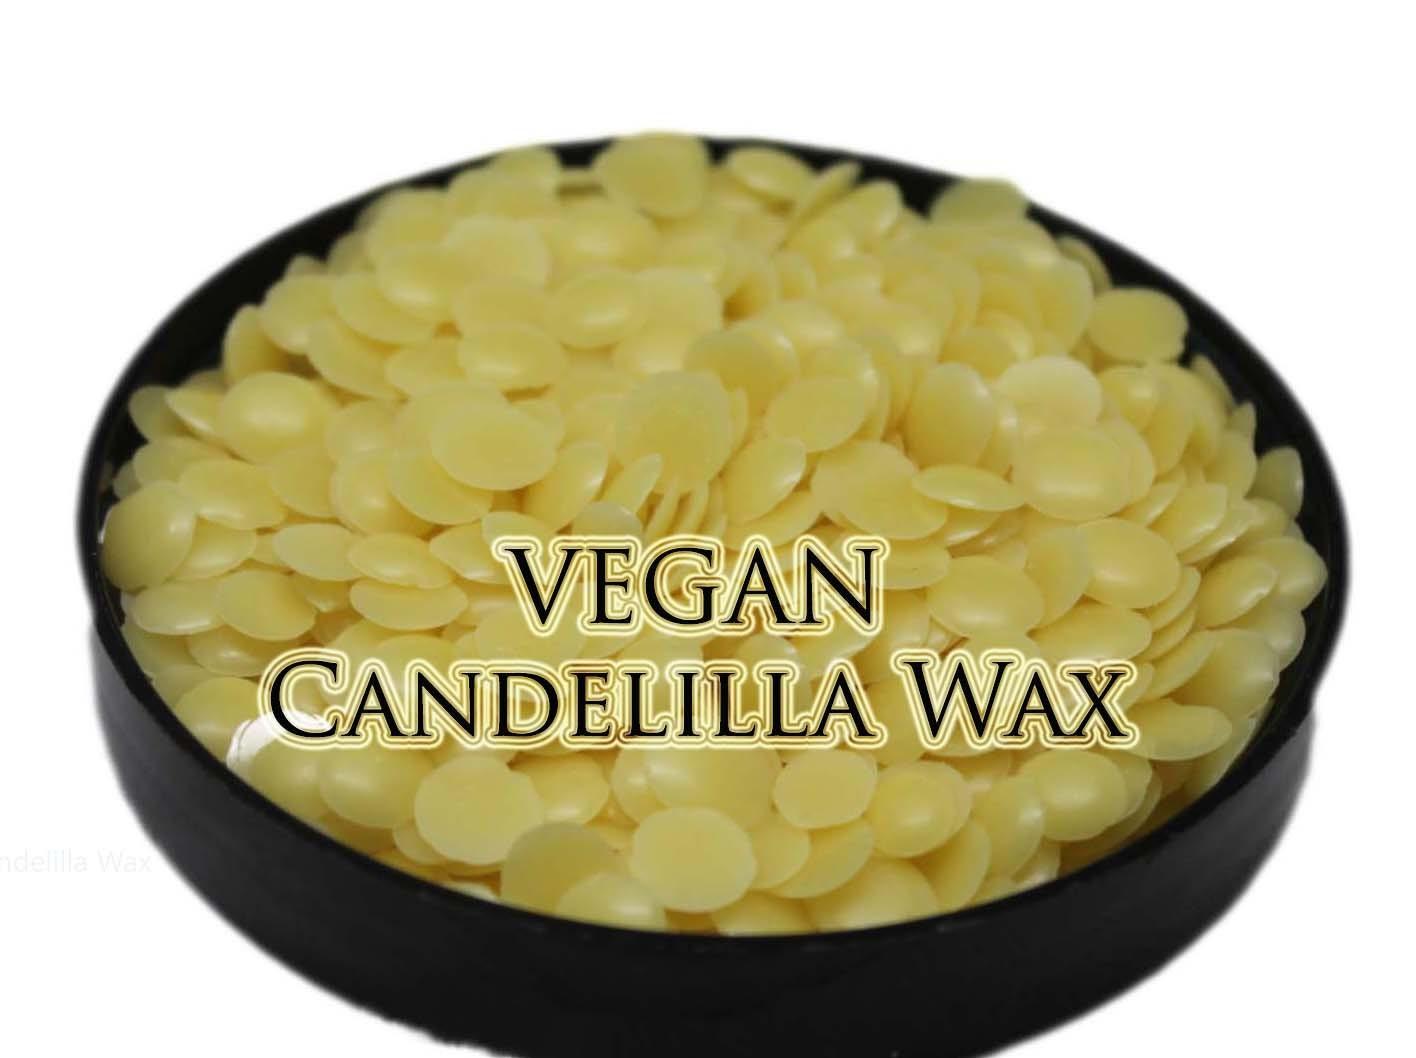 Candelilla Wax 8 oz Vegan Beeswax diy by SoapMakingSupplies4U